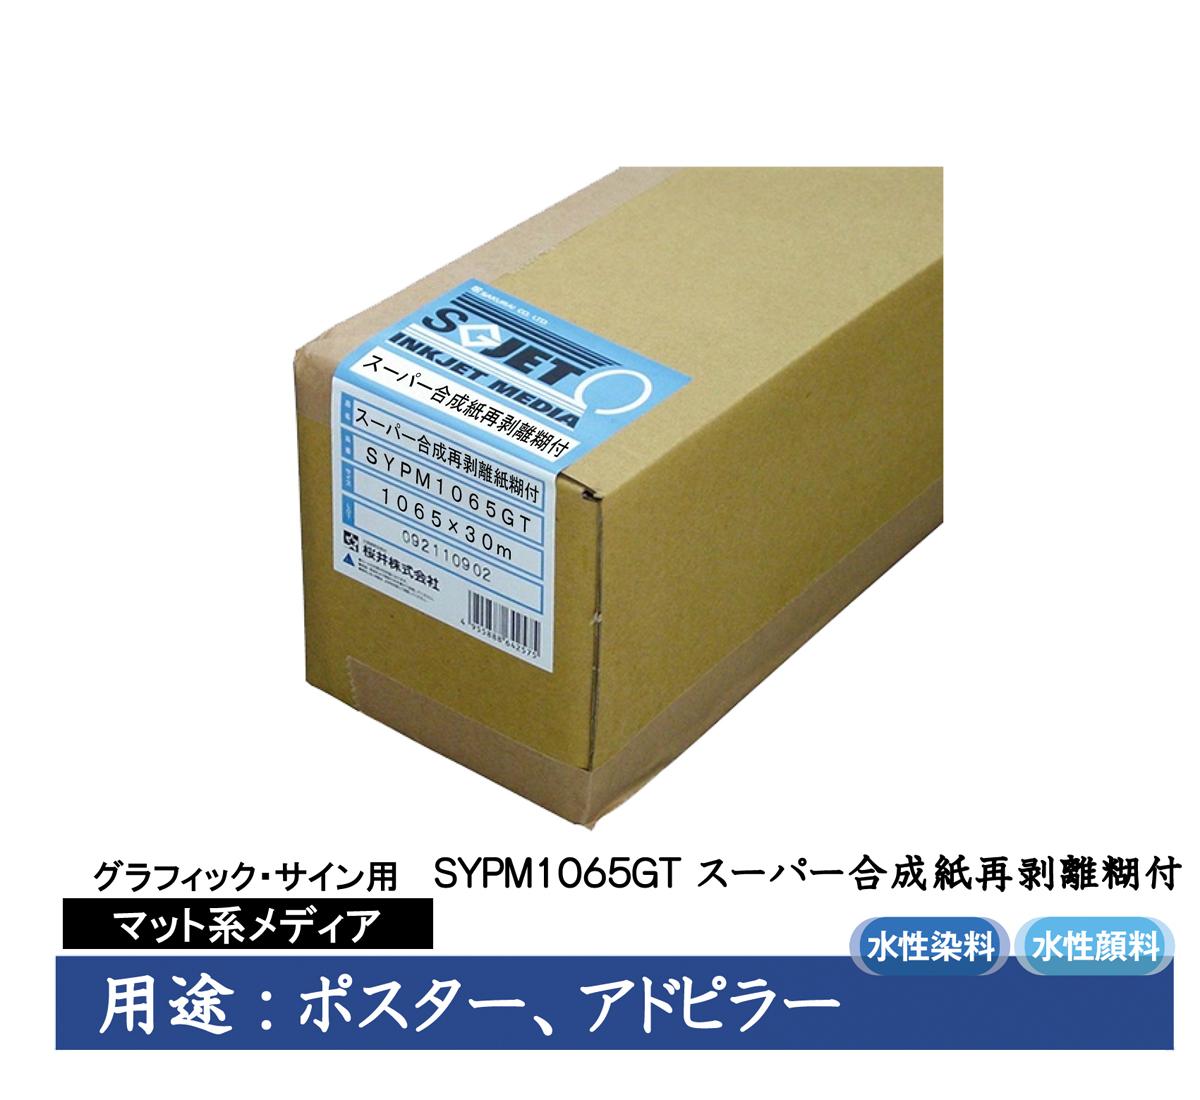 桜井 グラフィック・サイン用インクジェット用紙 スーパー合成紙再剥離糊付 1065mm×30m 2インチ 1本入 SYPM1065GT